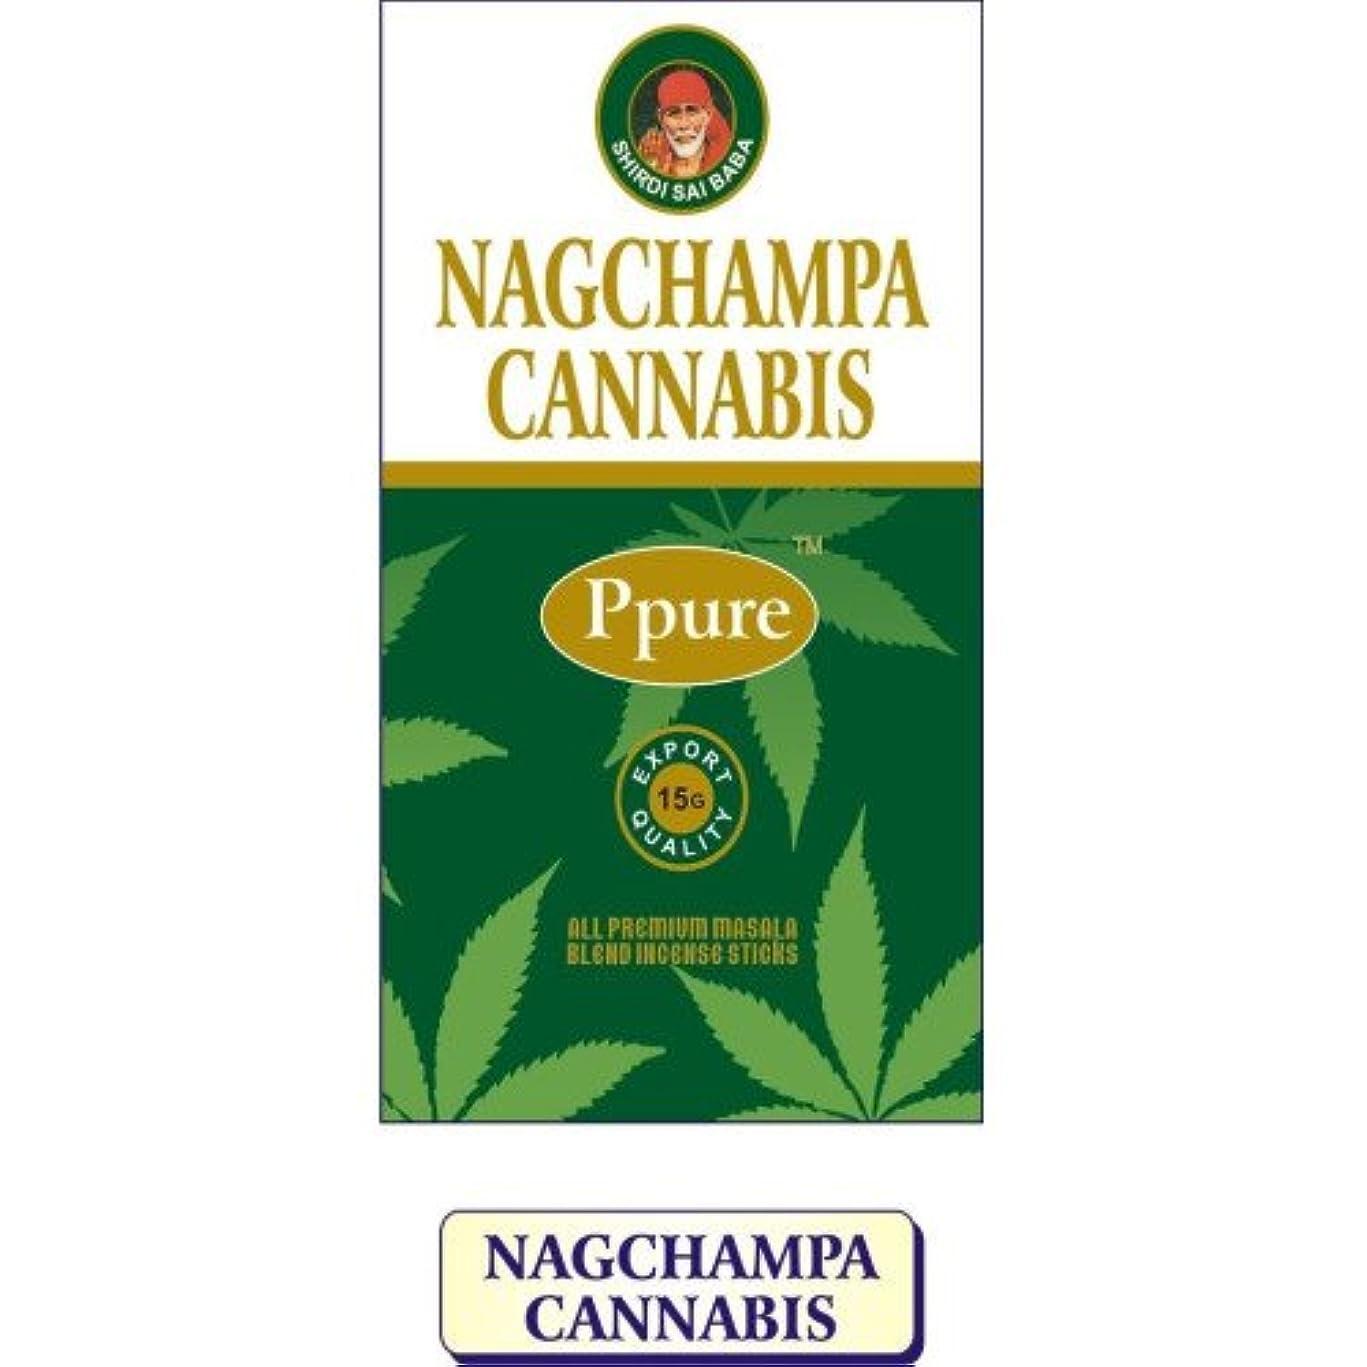 グローバル友だち主導権Ppure Nag Champa Cannabis PerfumeプレミアムMasala Incense Sticks 15グラム